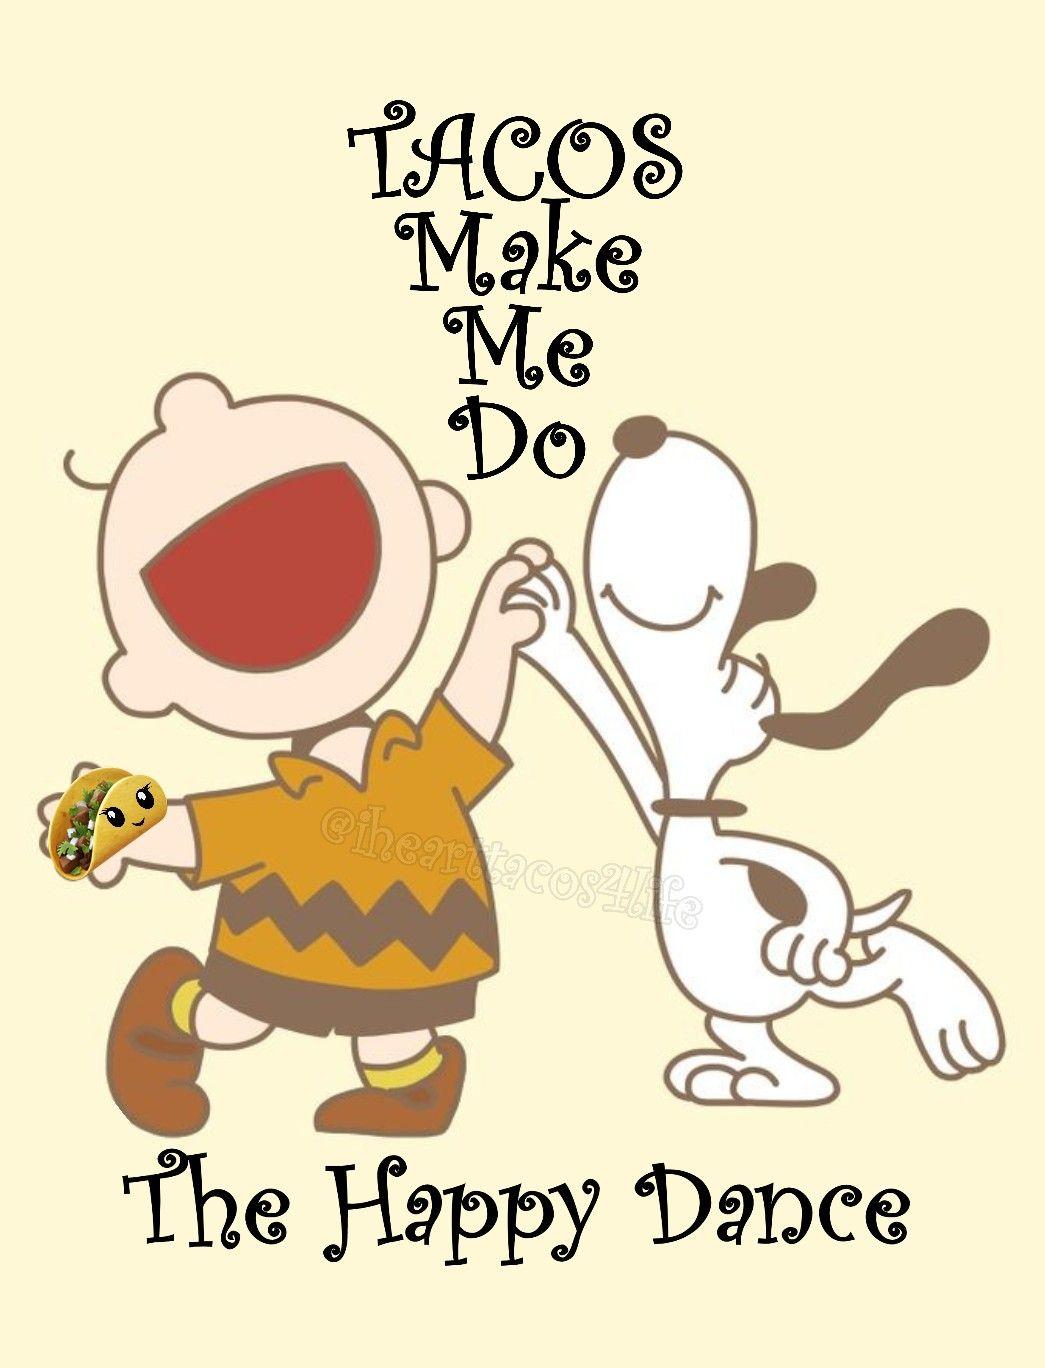 Happy Taco Tuesday Images : happy, tuesday, images, Charra-Nicky, Lehman, Funny, Memes,, Happy, Taco,, Tuesday